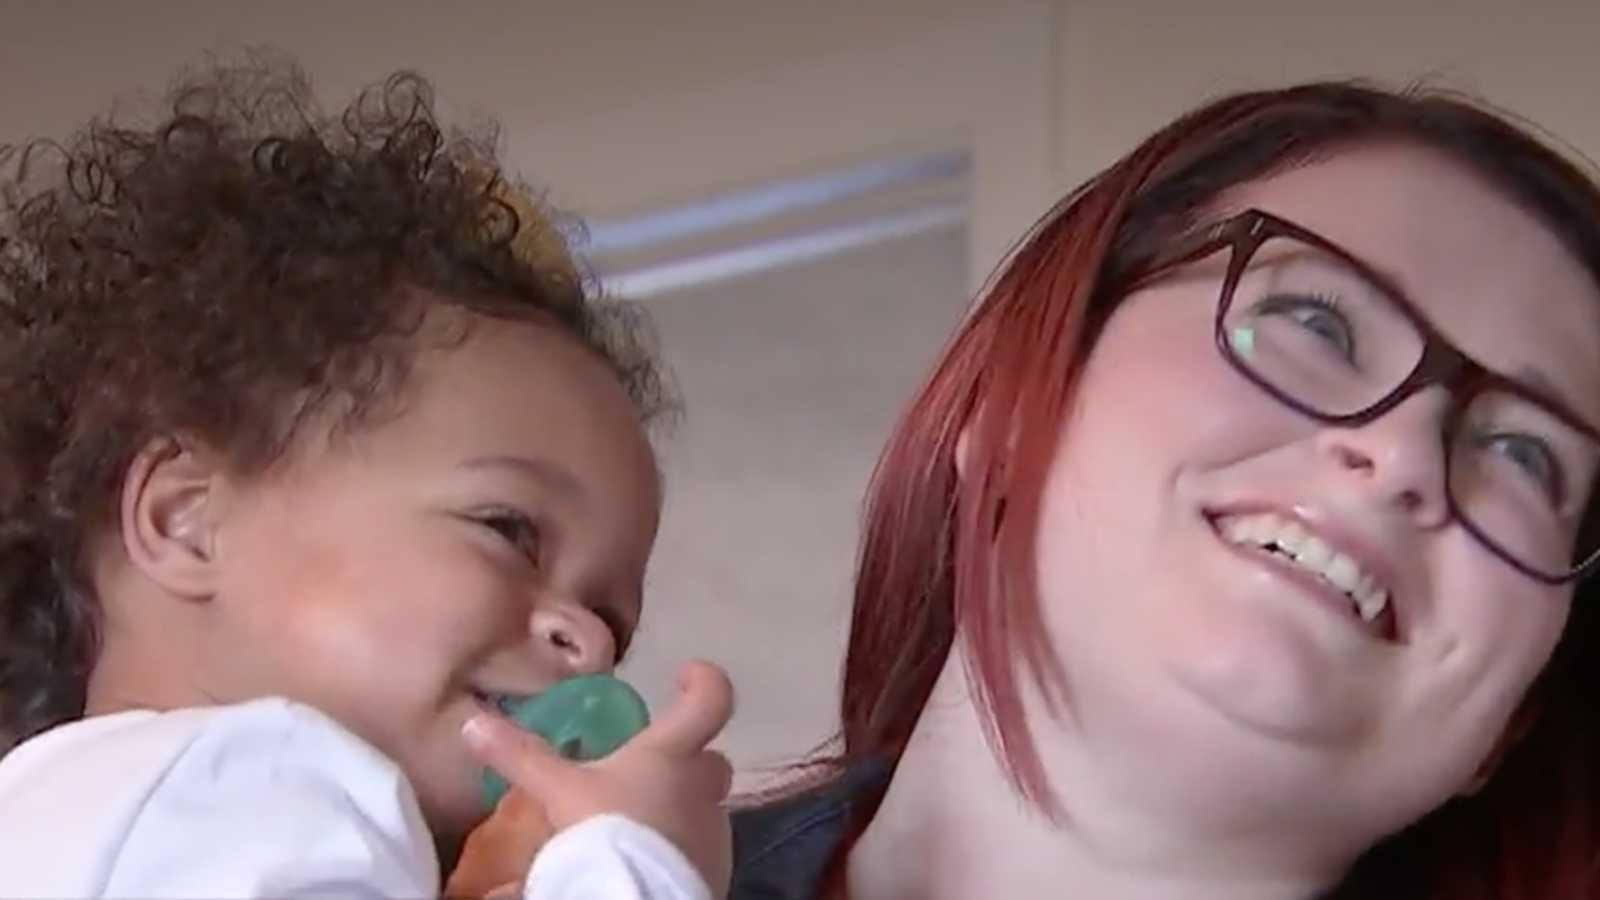 Enfermeira salva vida de bebê que sofreu maus tratos, descobre que ela tem irmã gêmea e adota as duas 2